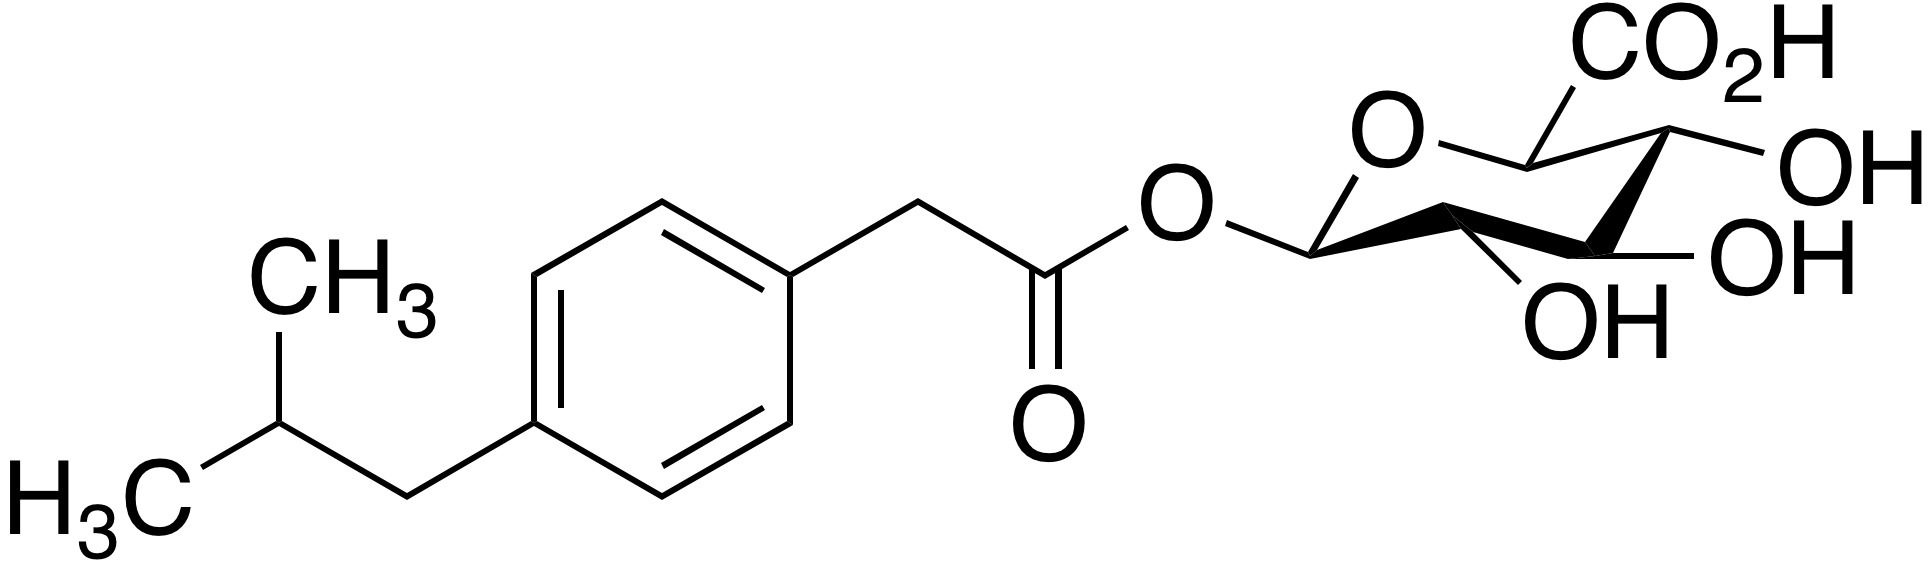 Ibufenac acyl-β-D-glucuronide